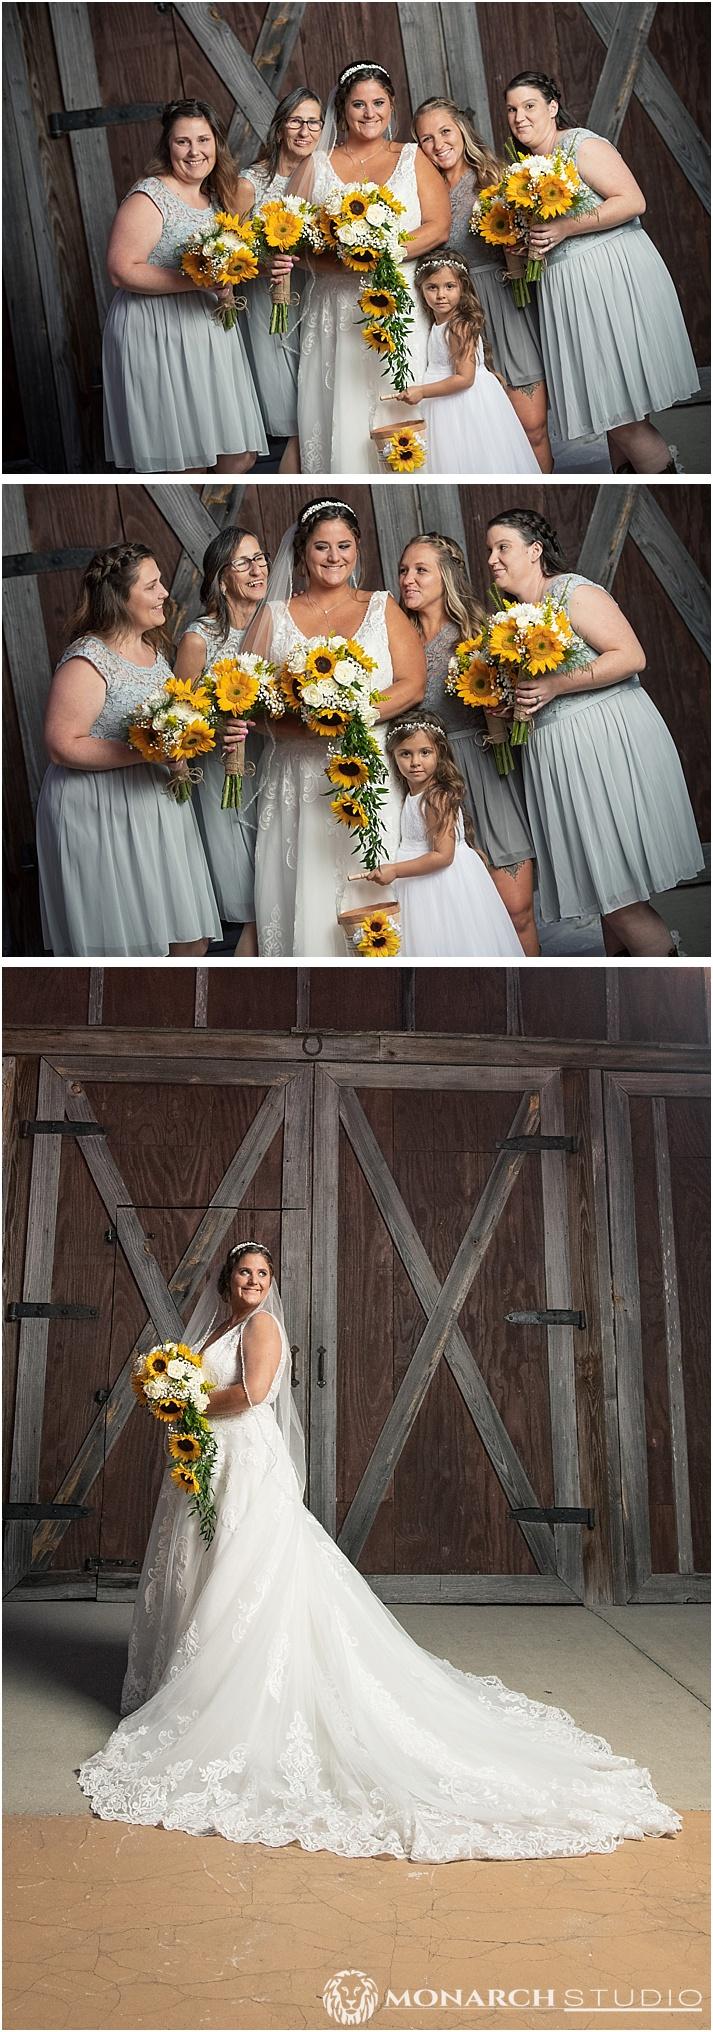 rustic-st-augustine-wedding-spots-026.jpg